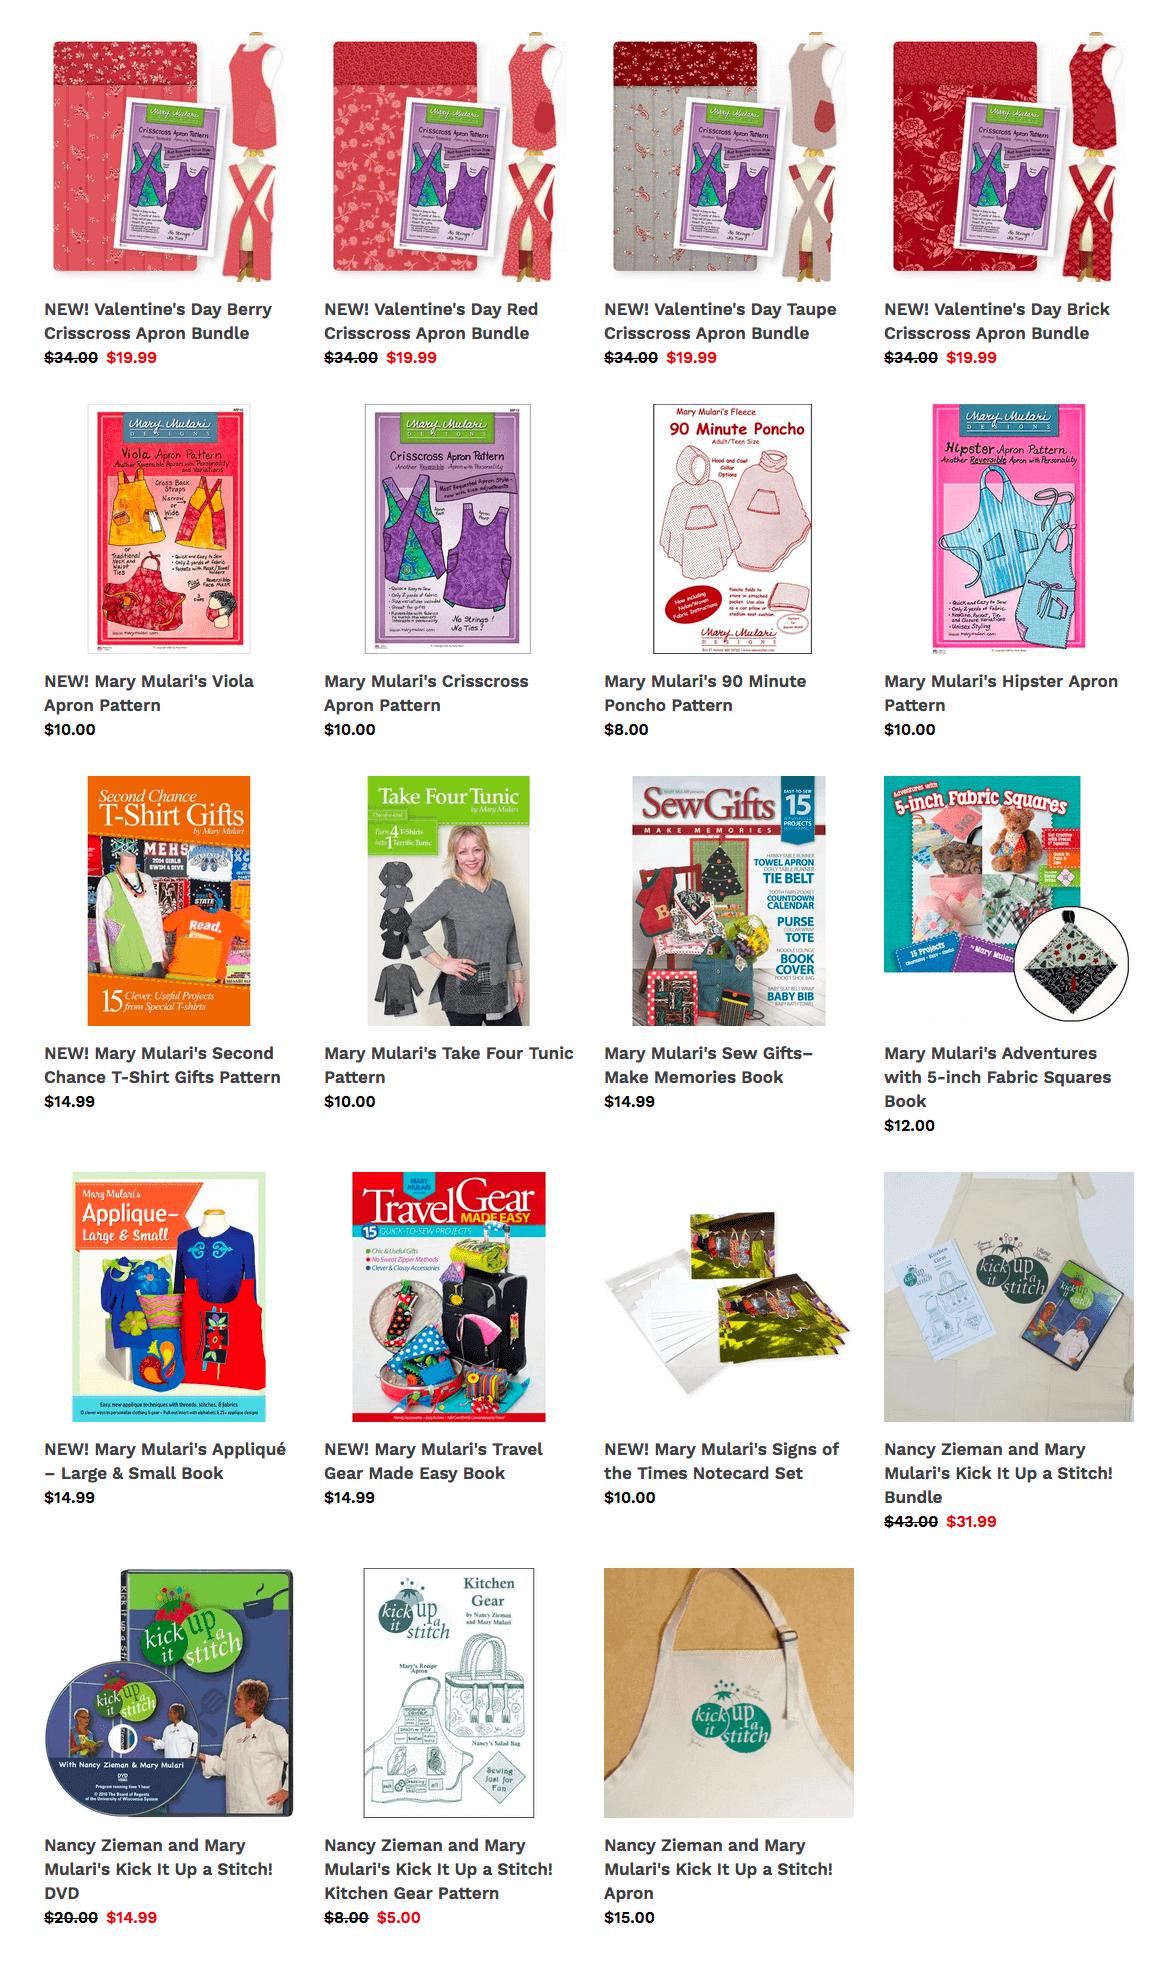 Shop Mary Mulari Patterns, Apron Sewing Kits, and Books at Nancy Zieman Productions at ShopNZP.com